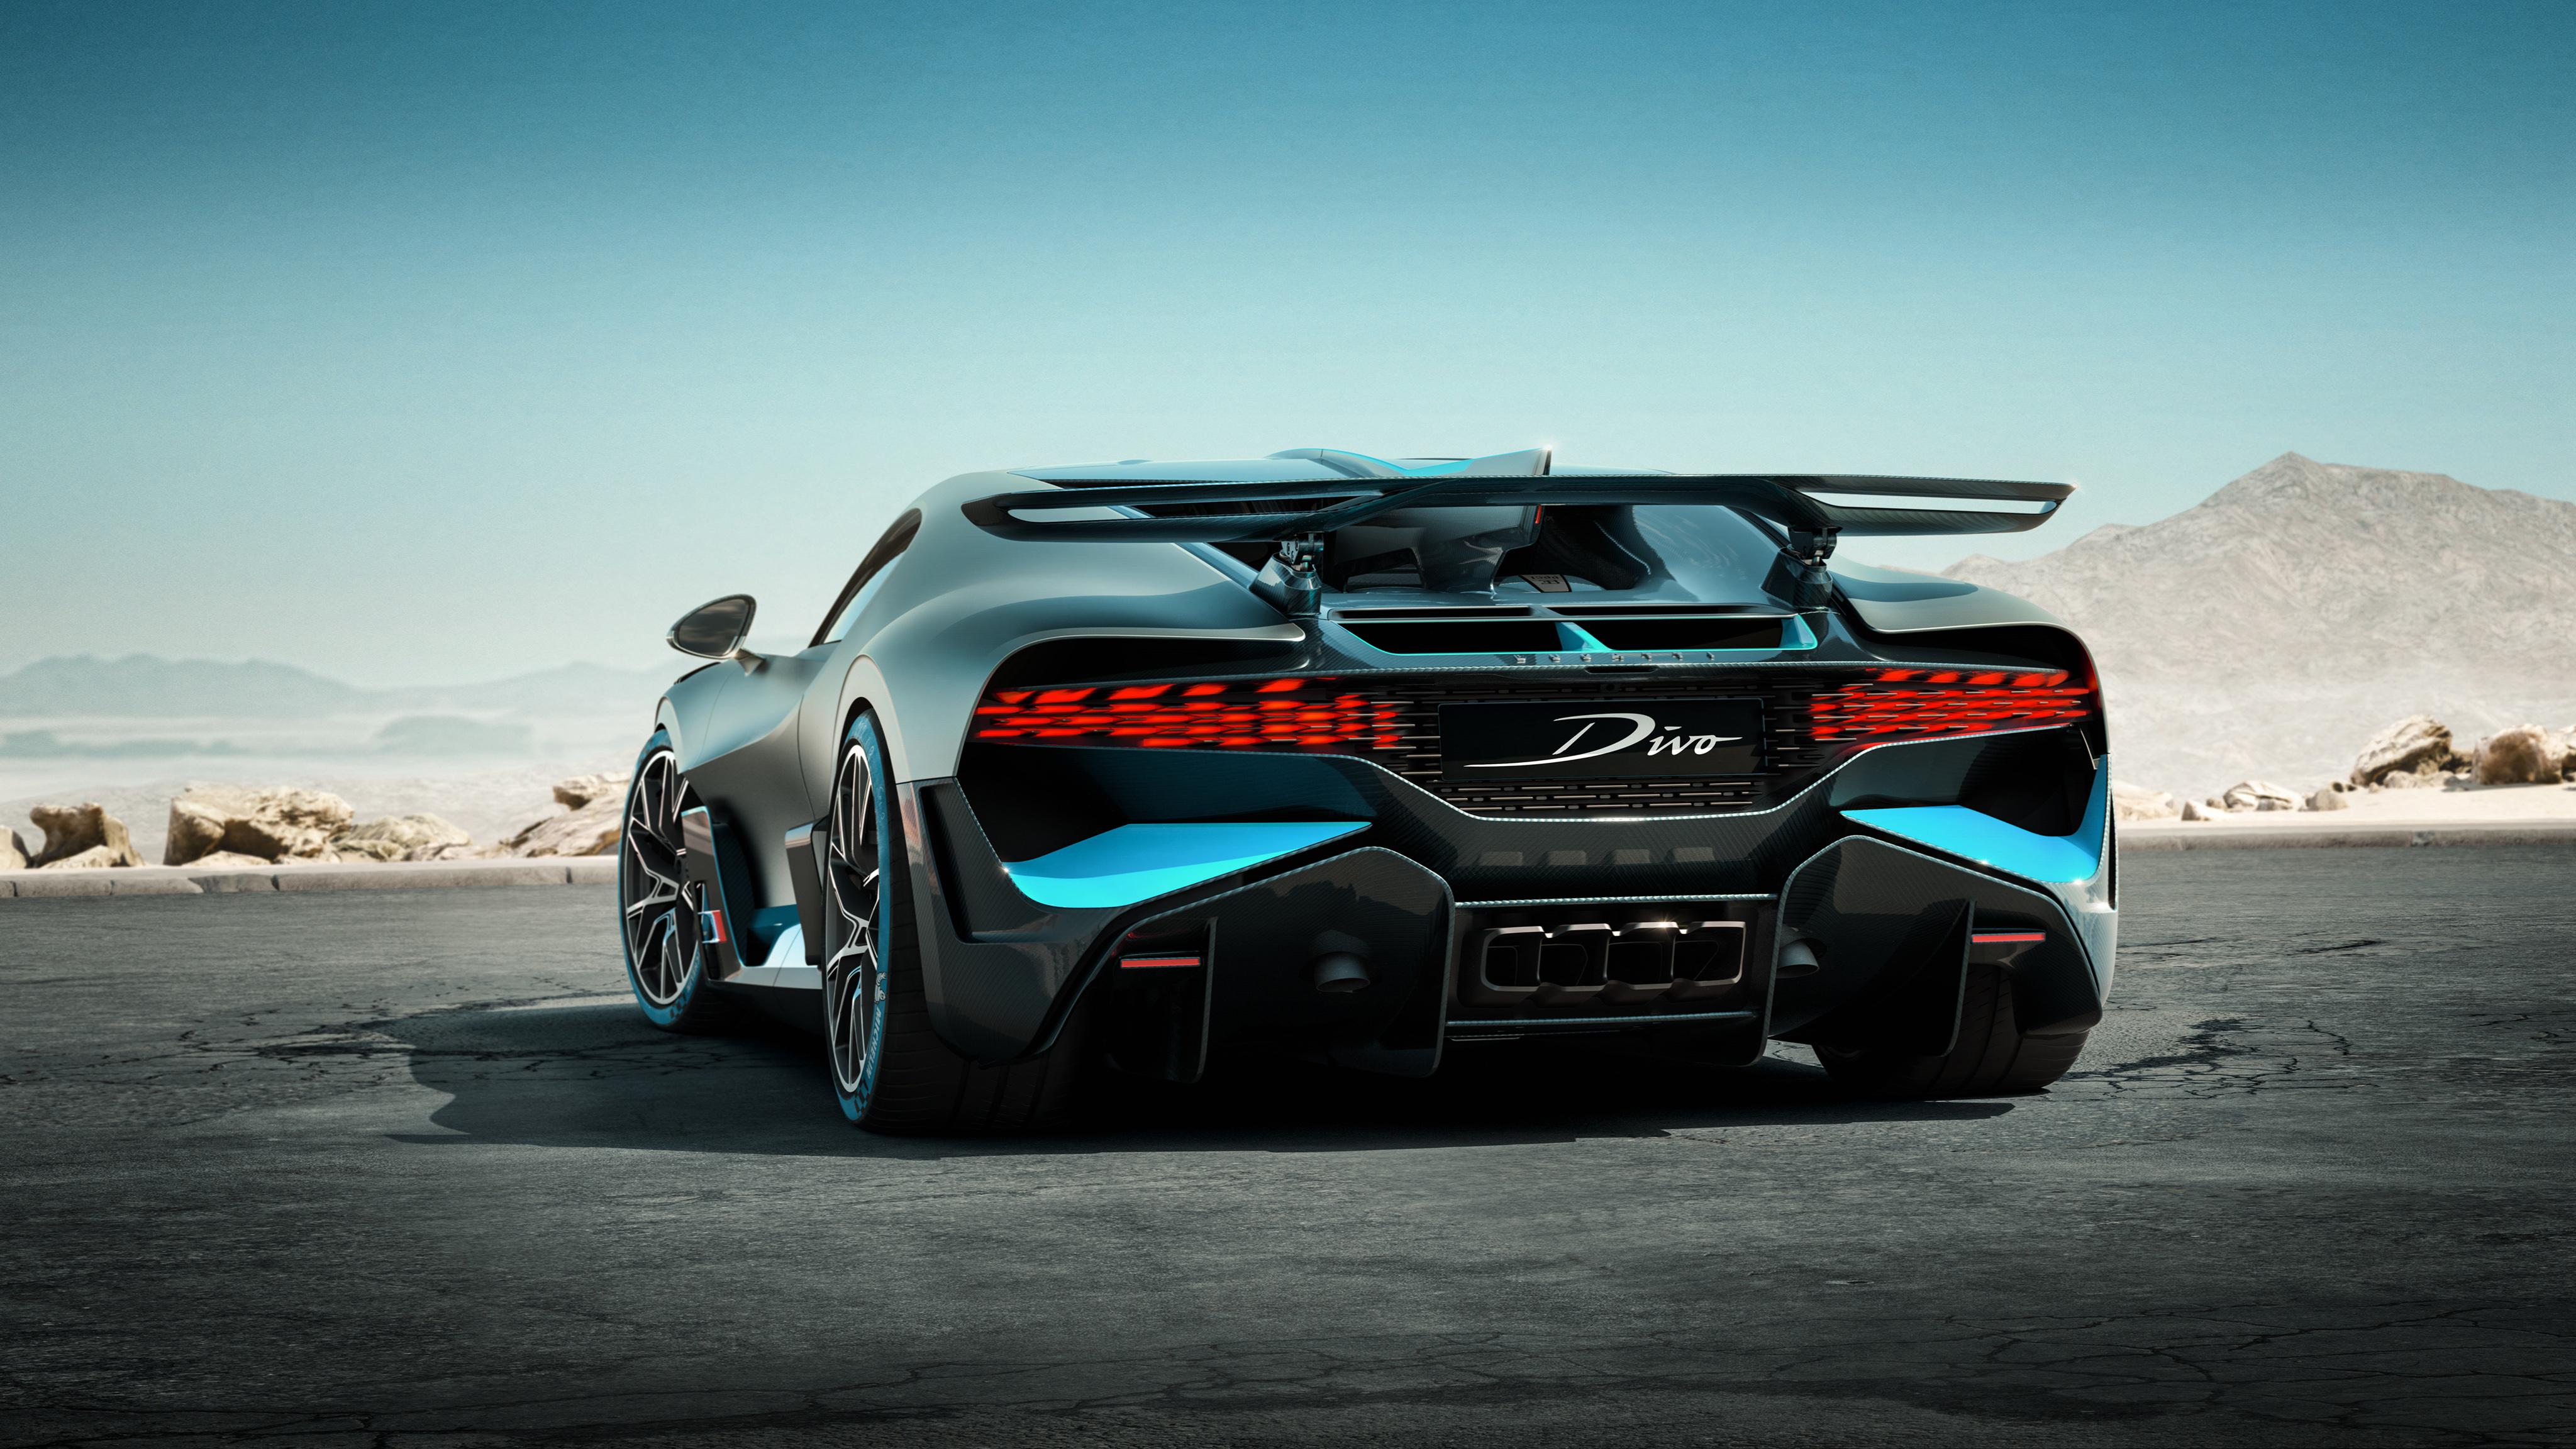 2019 Bugatti Divo 4k 5 Wallpaper Hd Car Wallpapers Id 11098